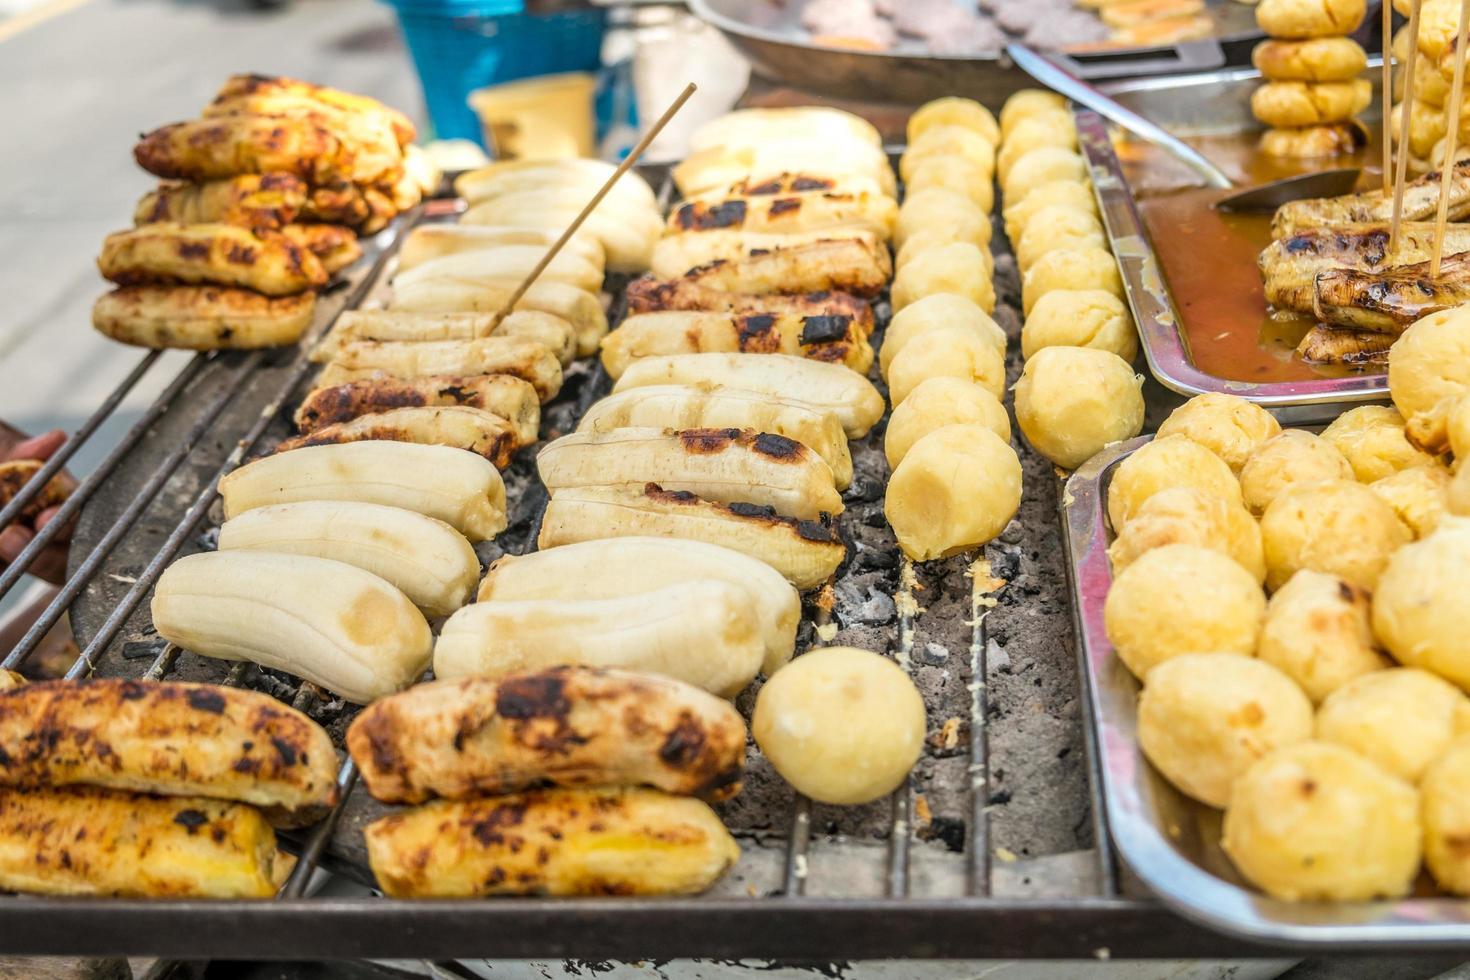 grillad banan och sötpotatis till salu på en lokal marknad foto